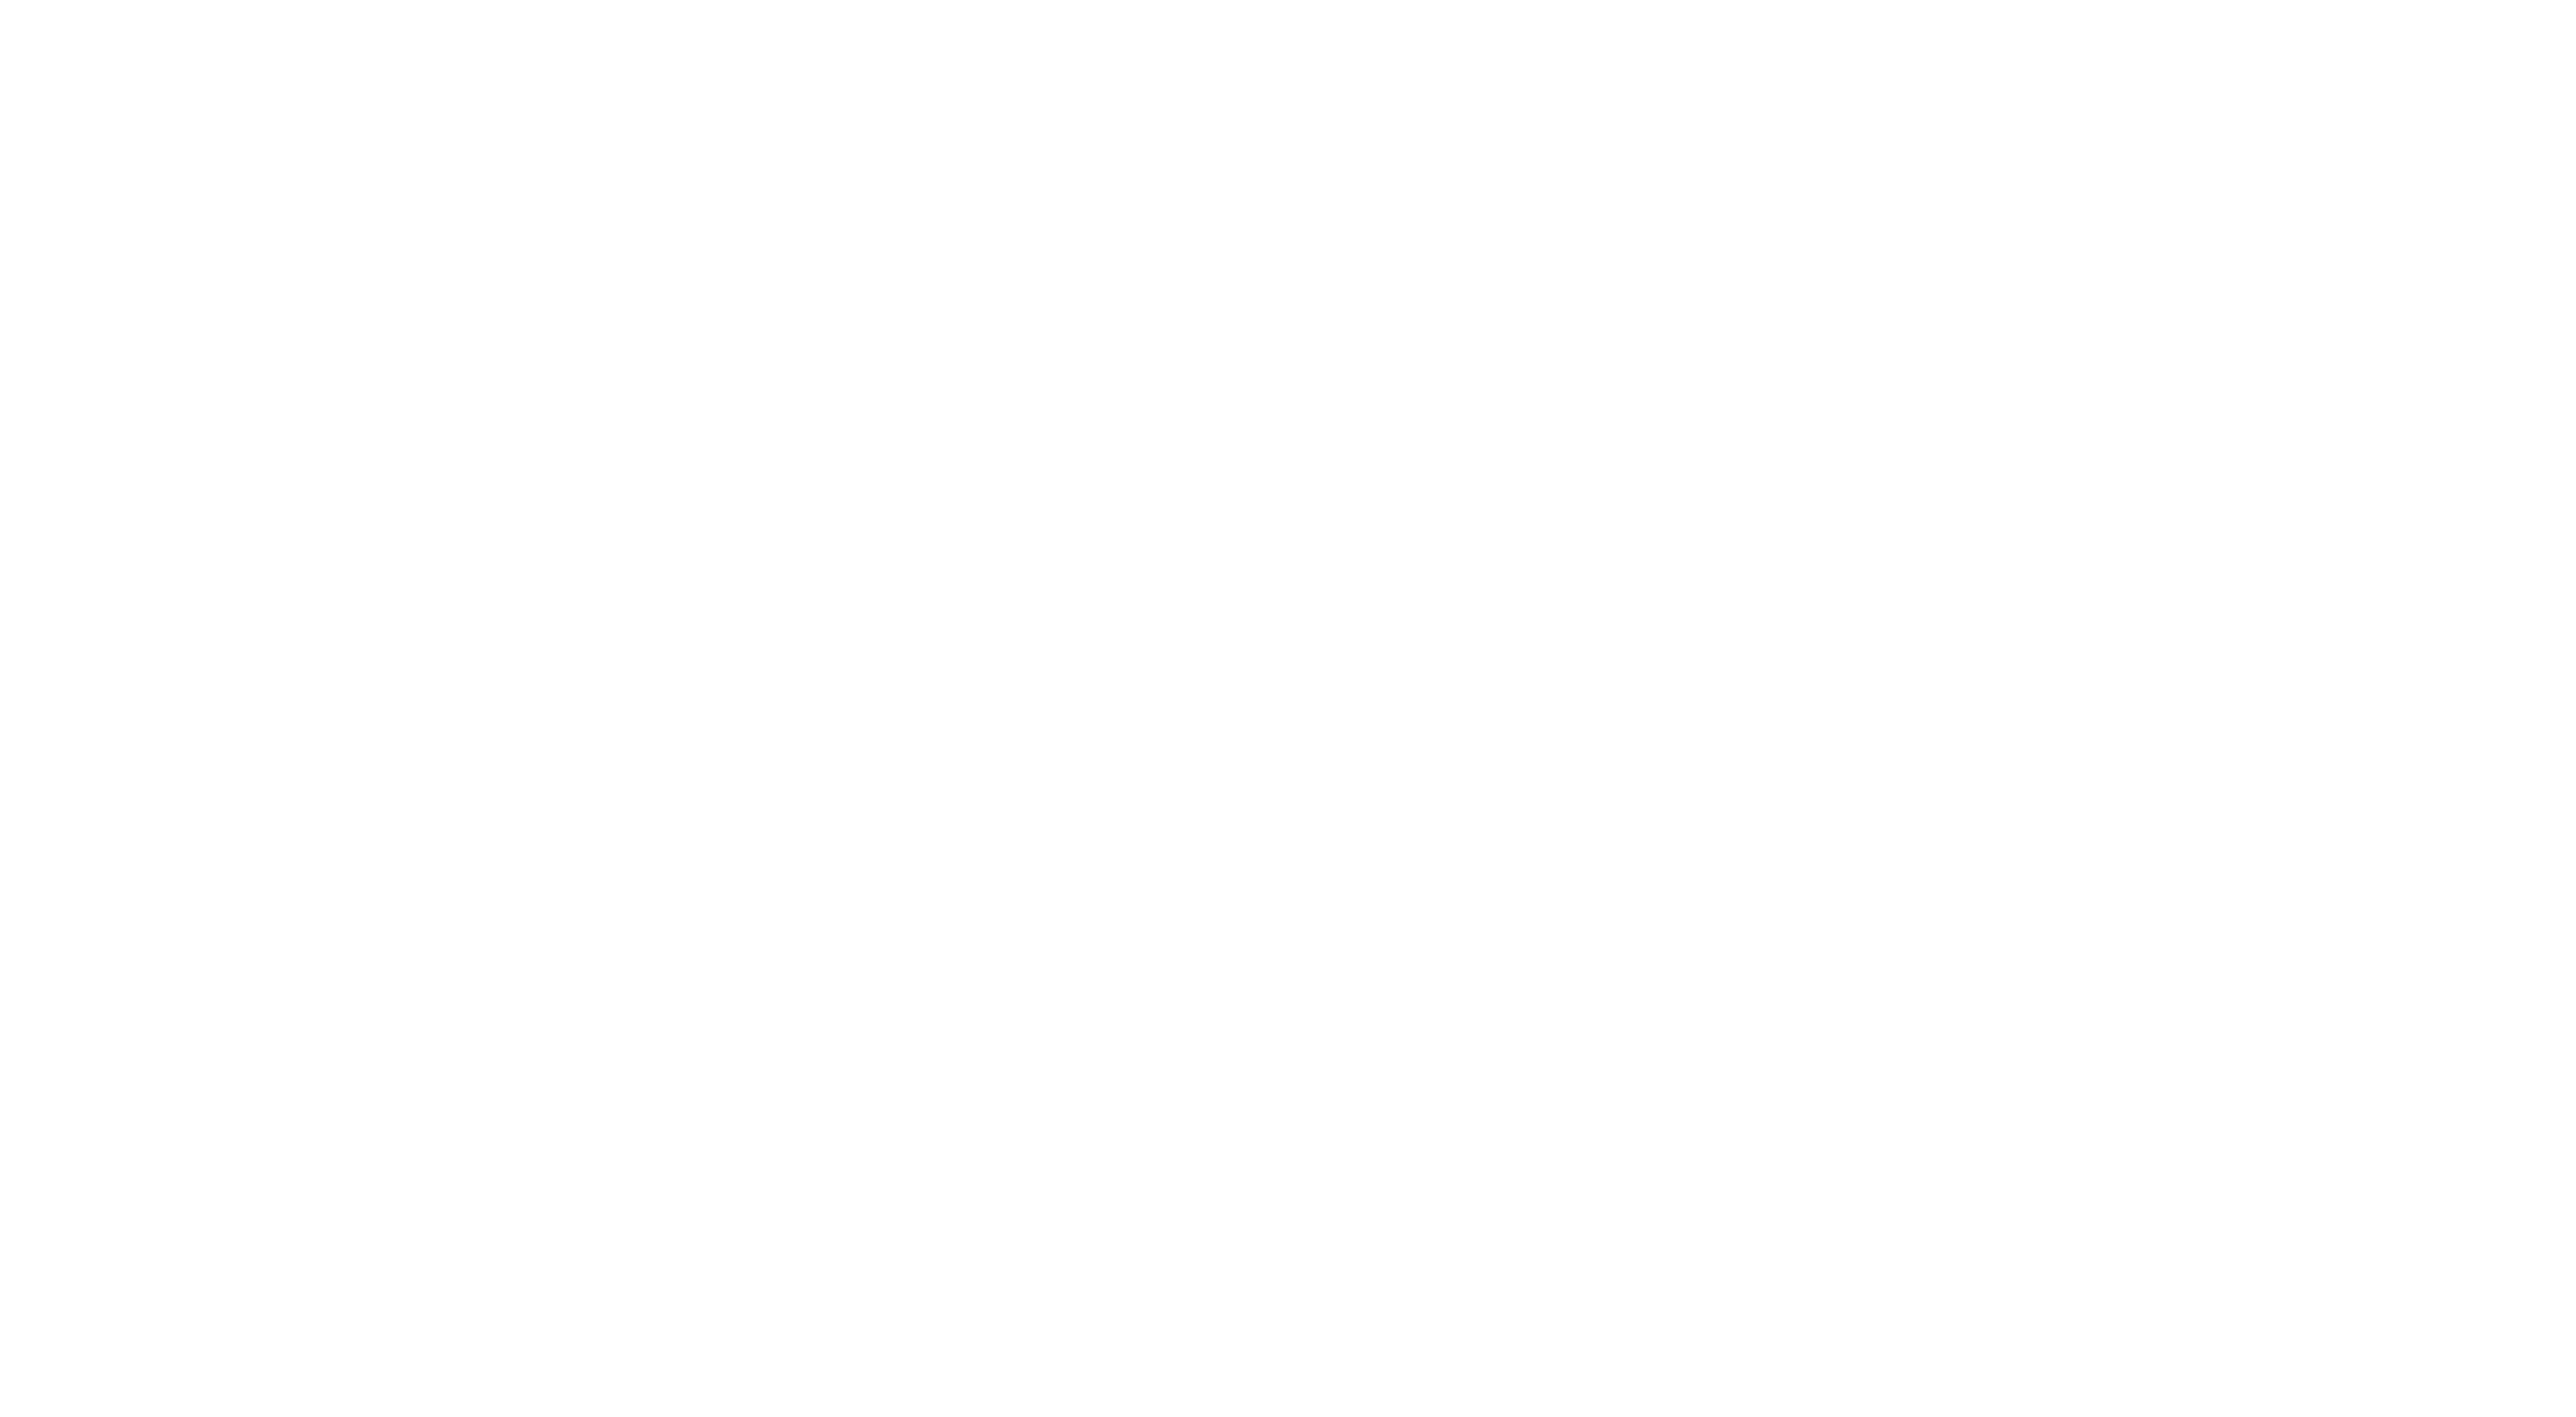 2021 SPRING BASE EVOLUTION